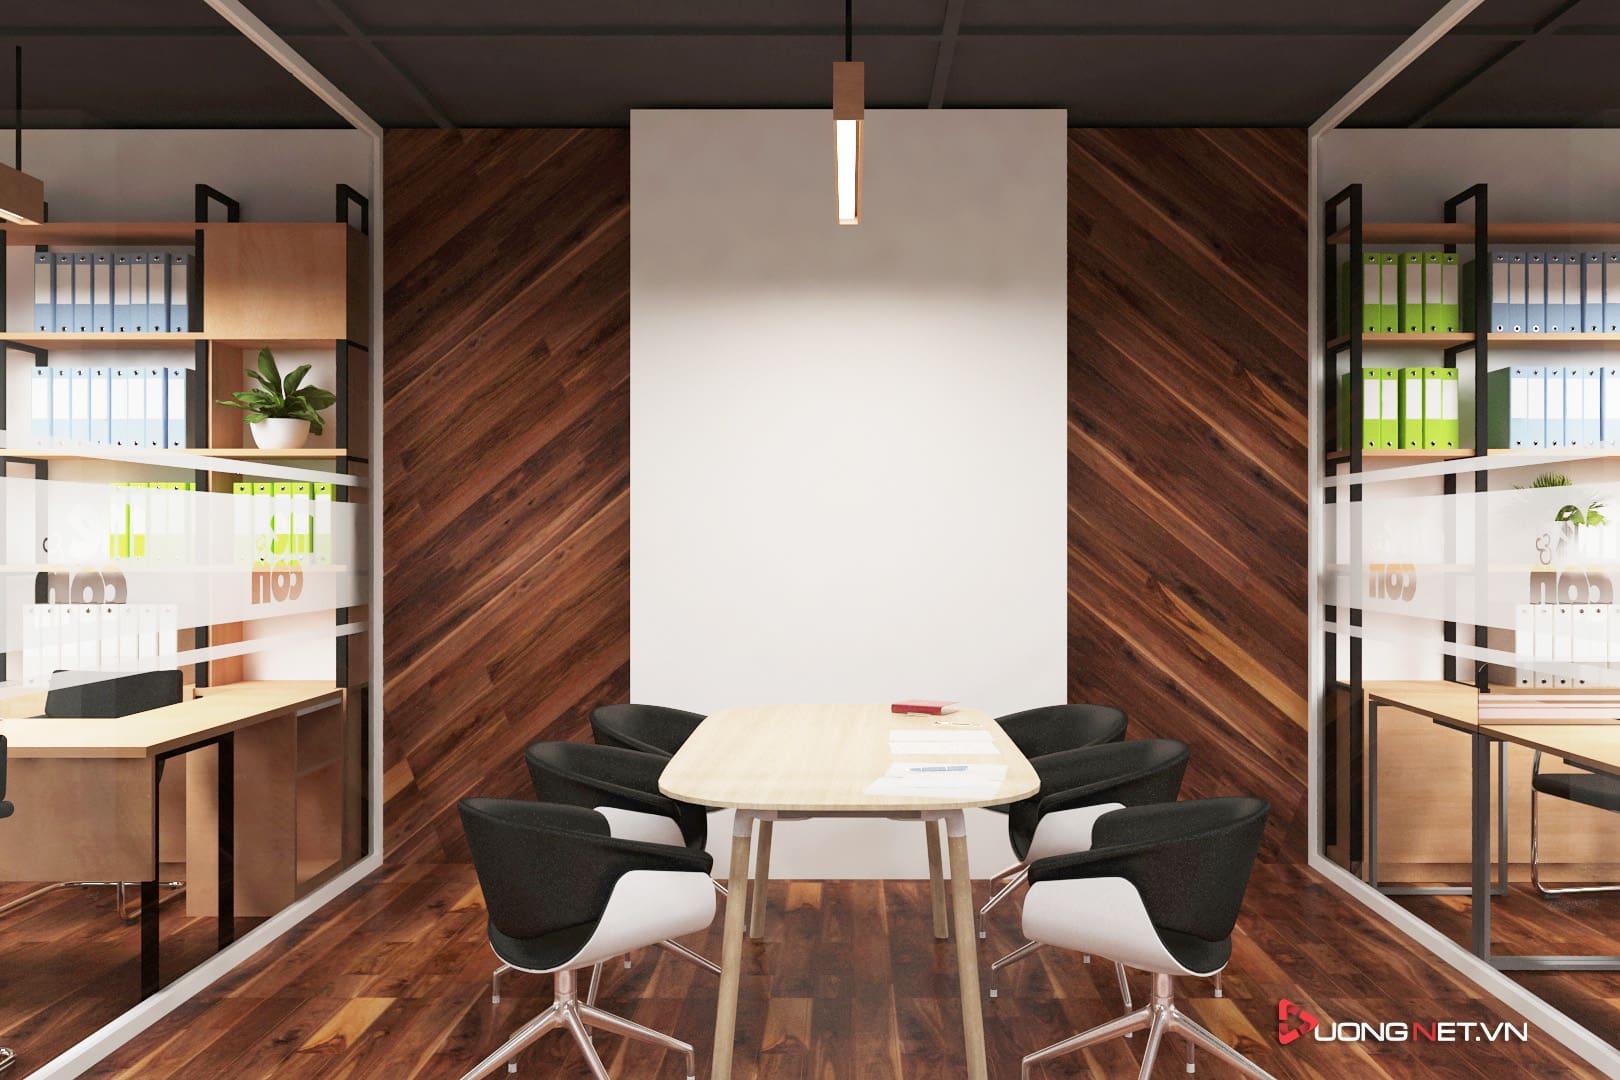 Thiết kế nội thất sáng tạo tại công ty truyền thông Mẹ & Con 4